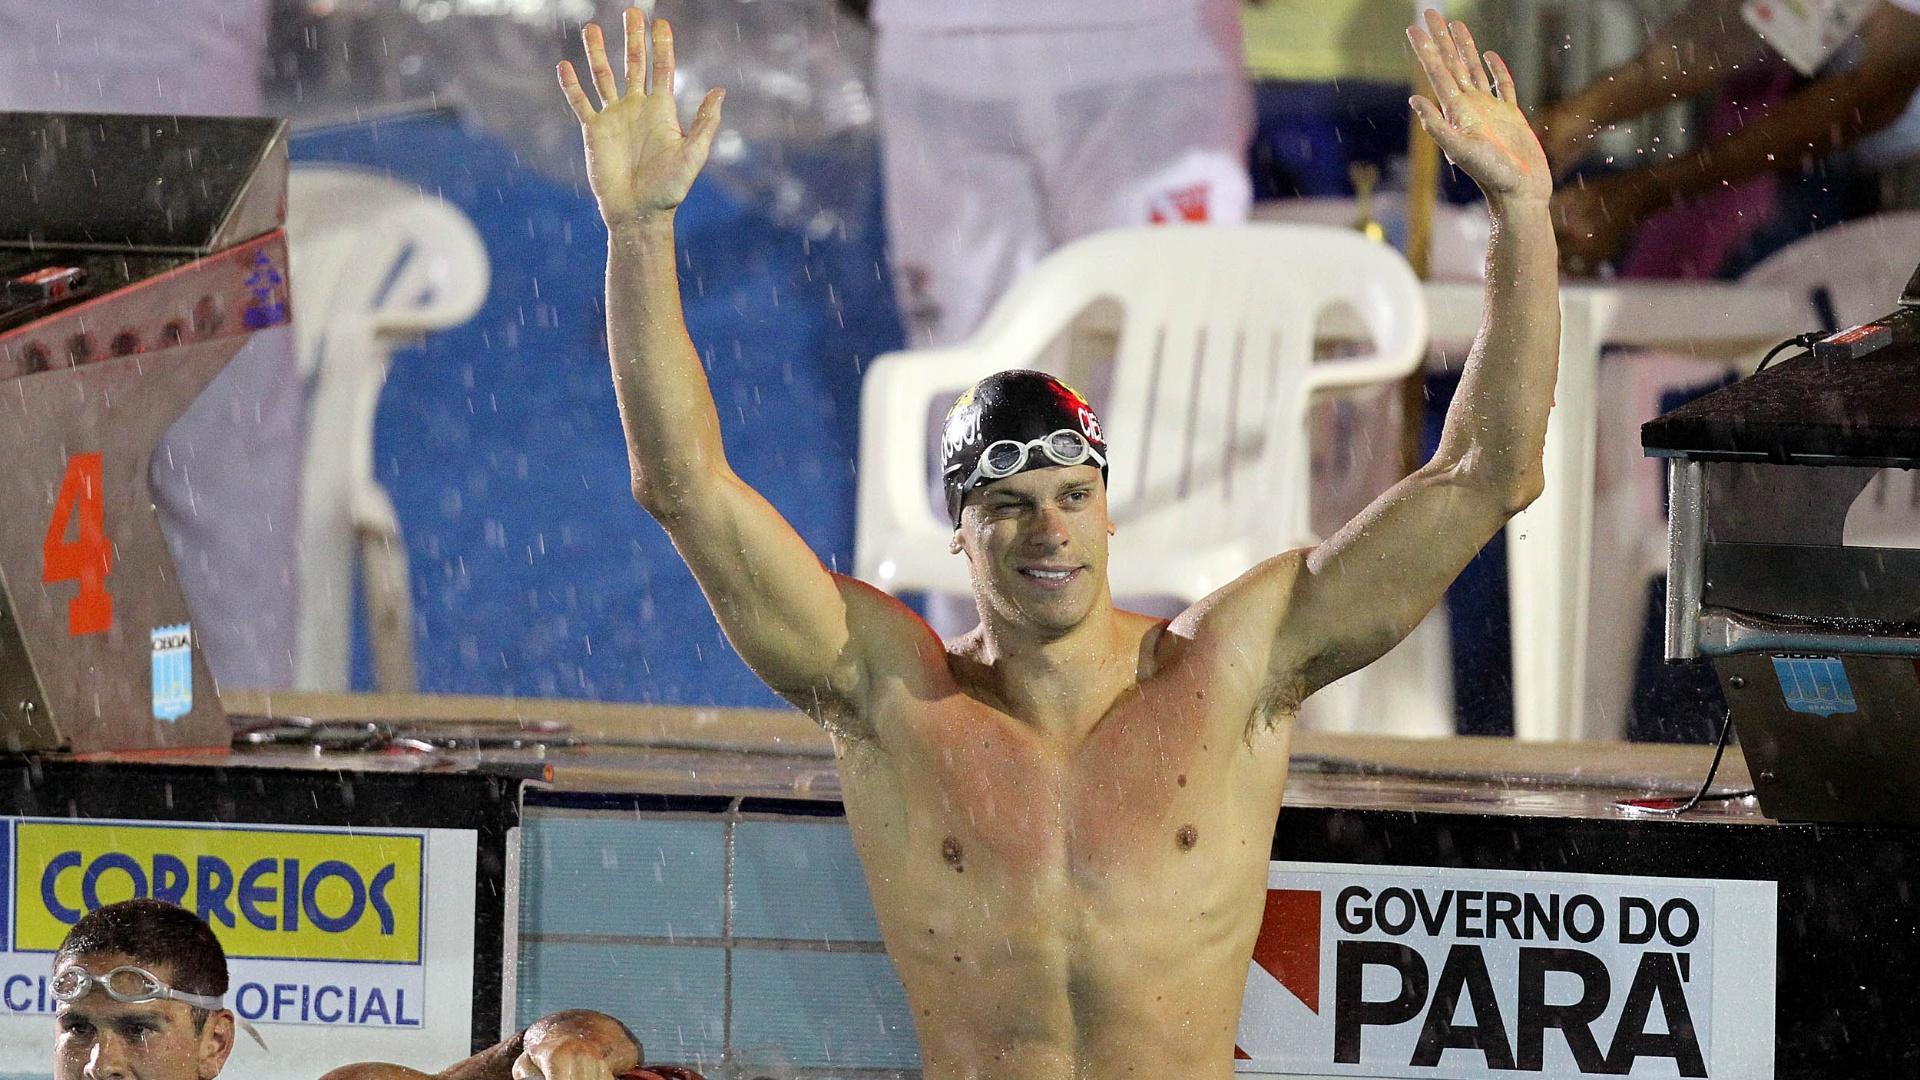 Cesar Cielo festeja após conquistar a medalha de ouro nos 50m borboleta no Sul-Americano, em Belém